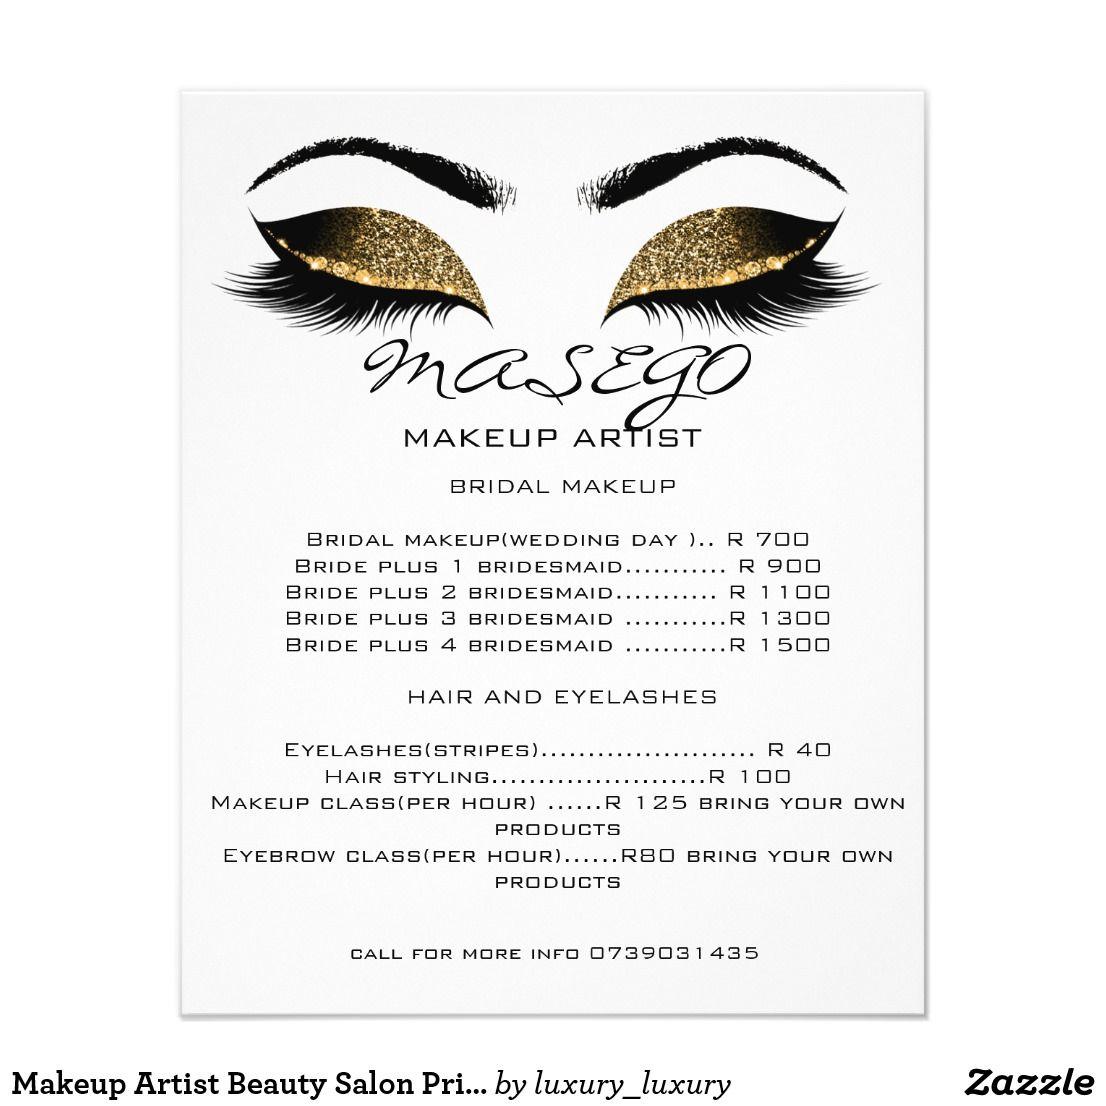 Makeup Artist Beauty Salon Price List Flyer White Zazzle Com Beauty Salon Price List Salon Price List Makeup